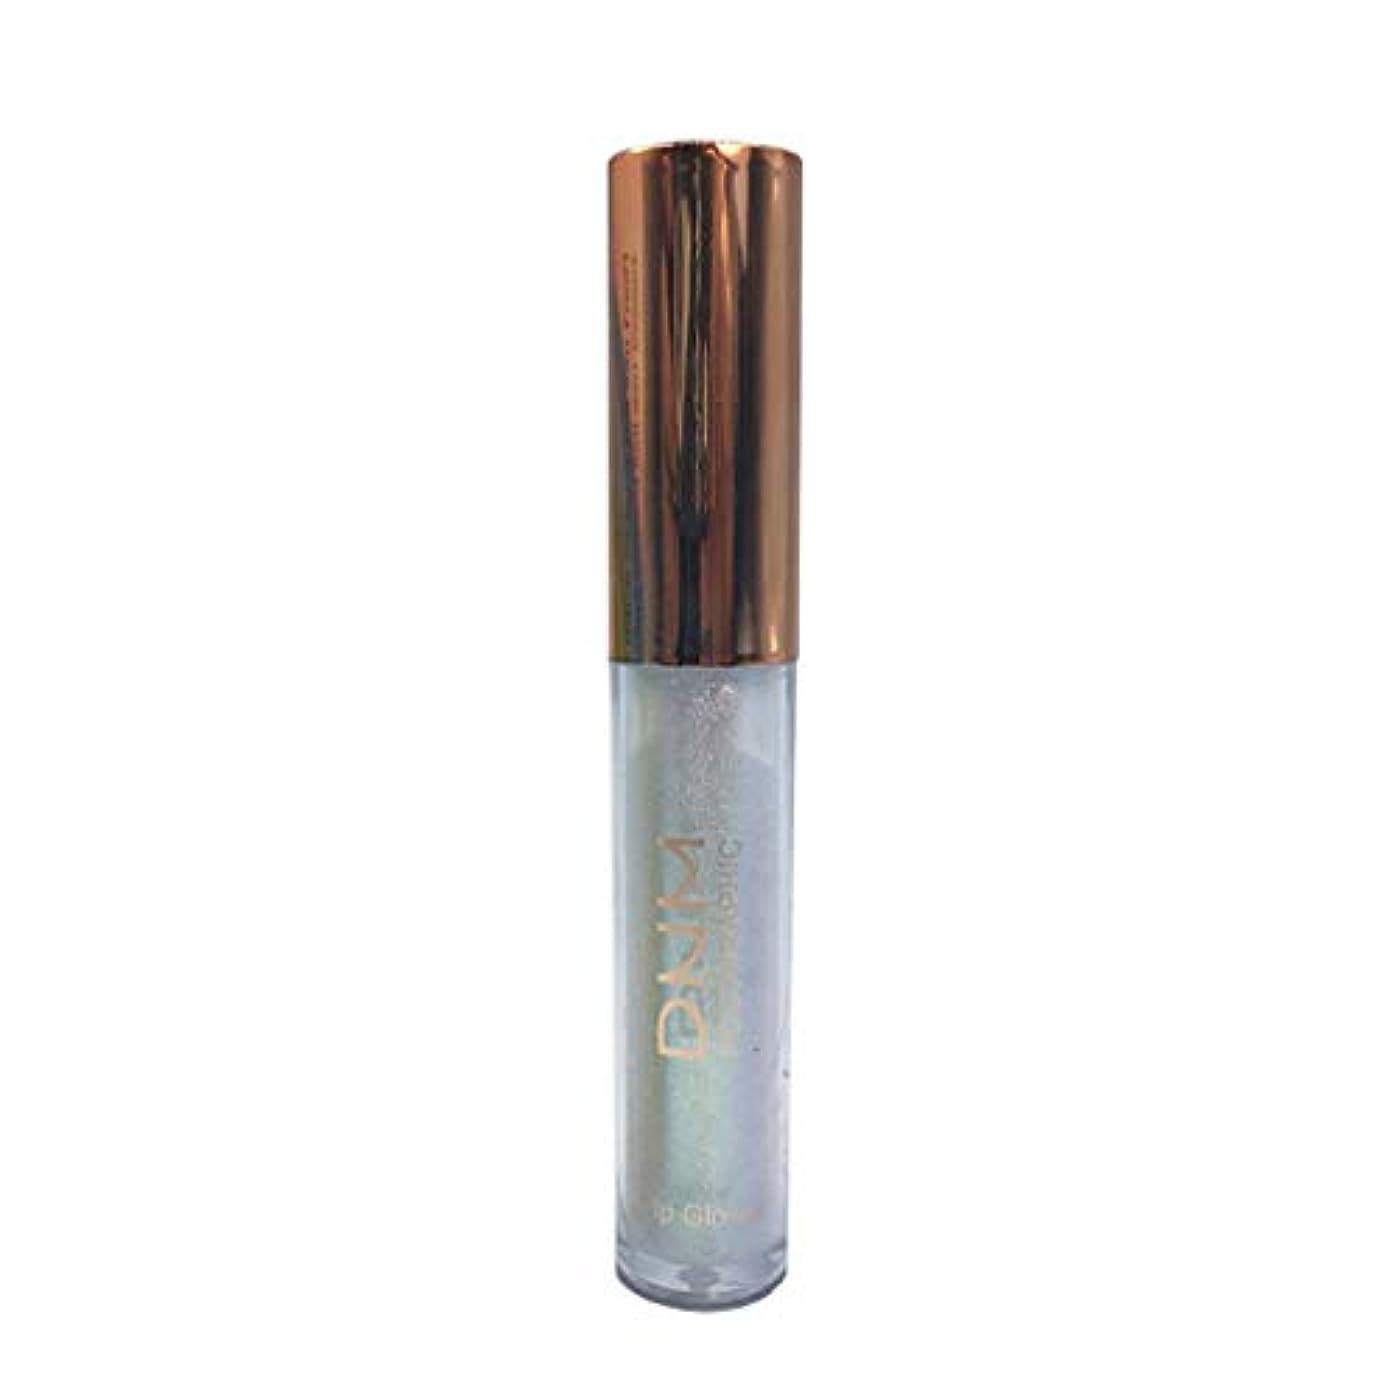 補助ご意見ダイヤモンド防水長続きがする液体は軽い口紅の構造の唇の光沢の唇を分極します